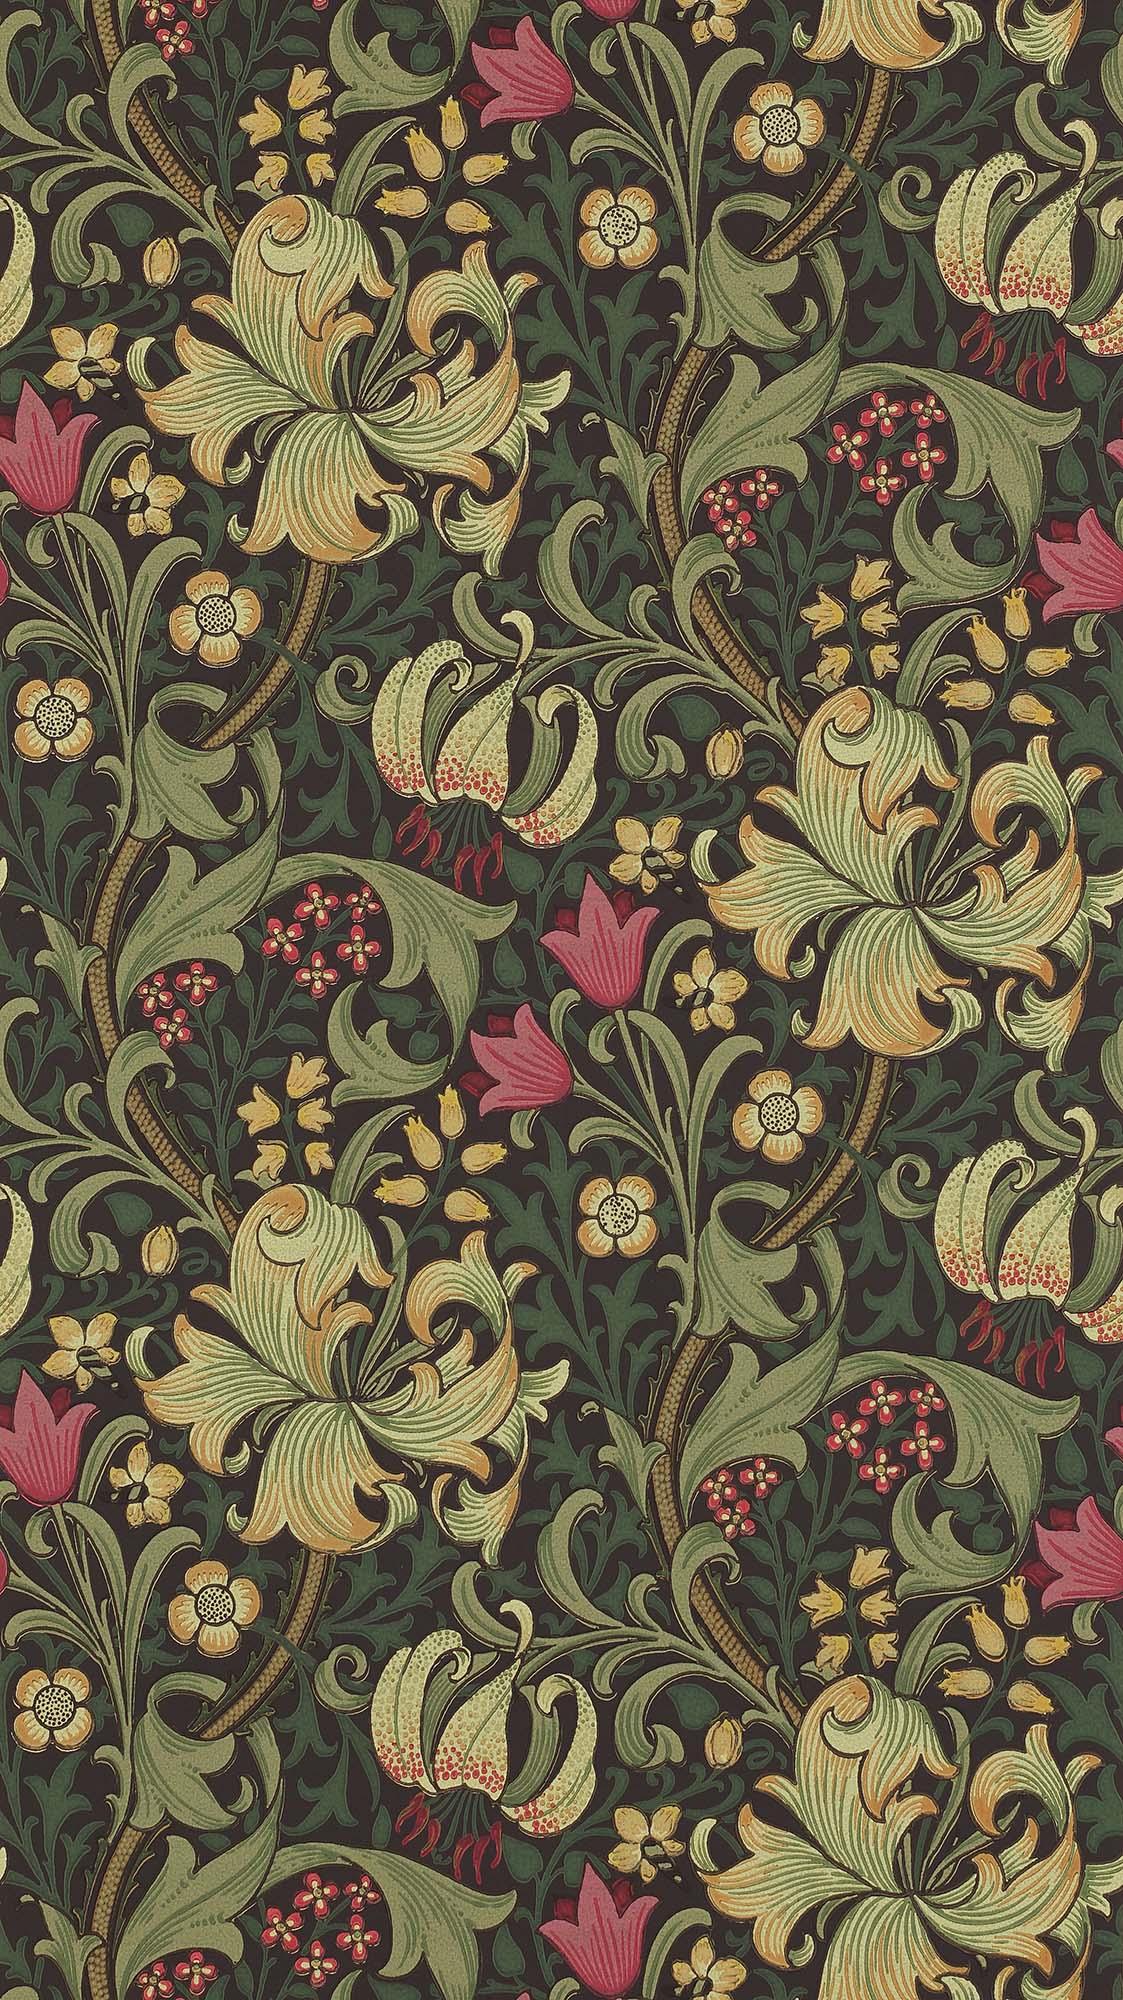 ウィリアムモリス壁紙 Garden Lily 210403